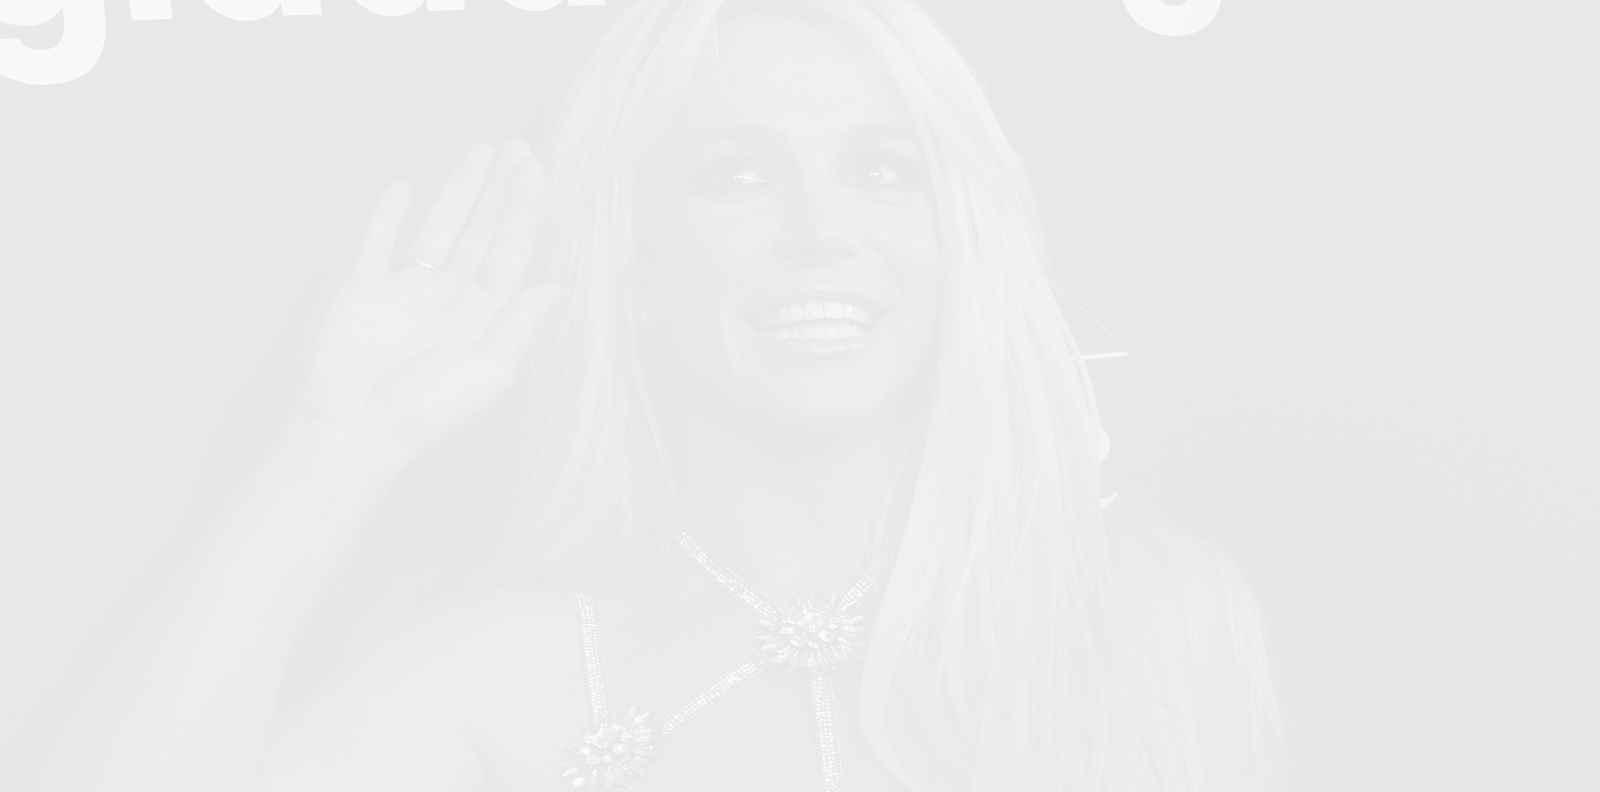 Бритни Спиърс - просто себе си, без значение какво мислят другите